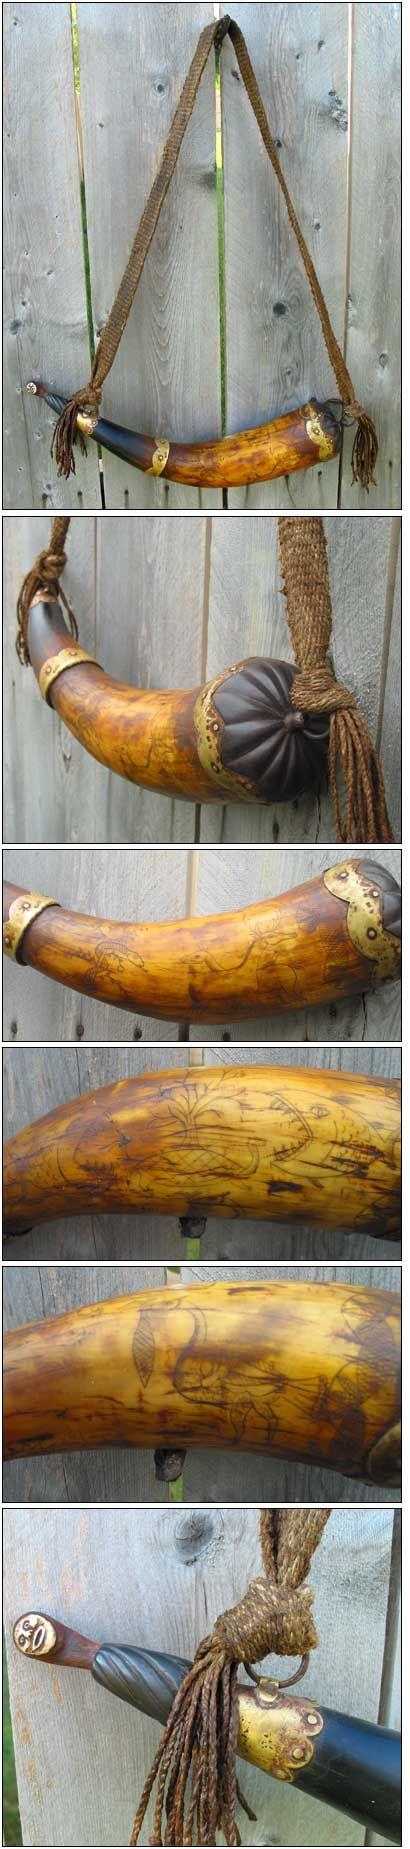 Brass Banded Scrimshawed Horn